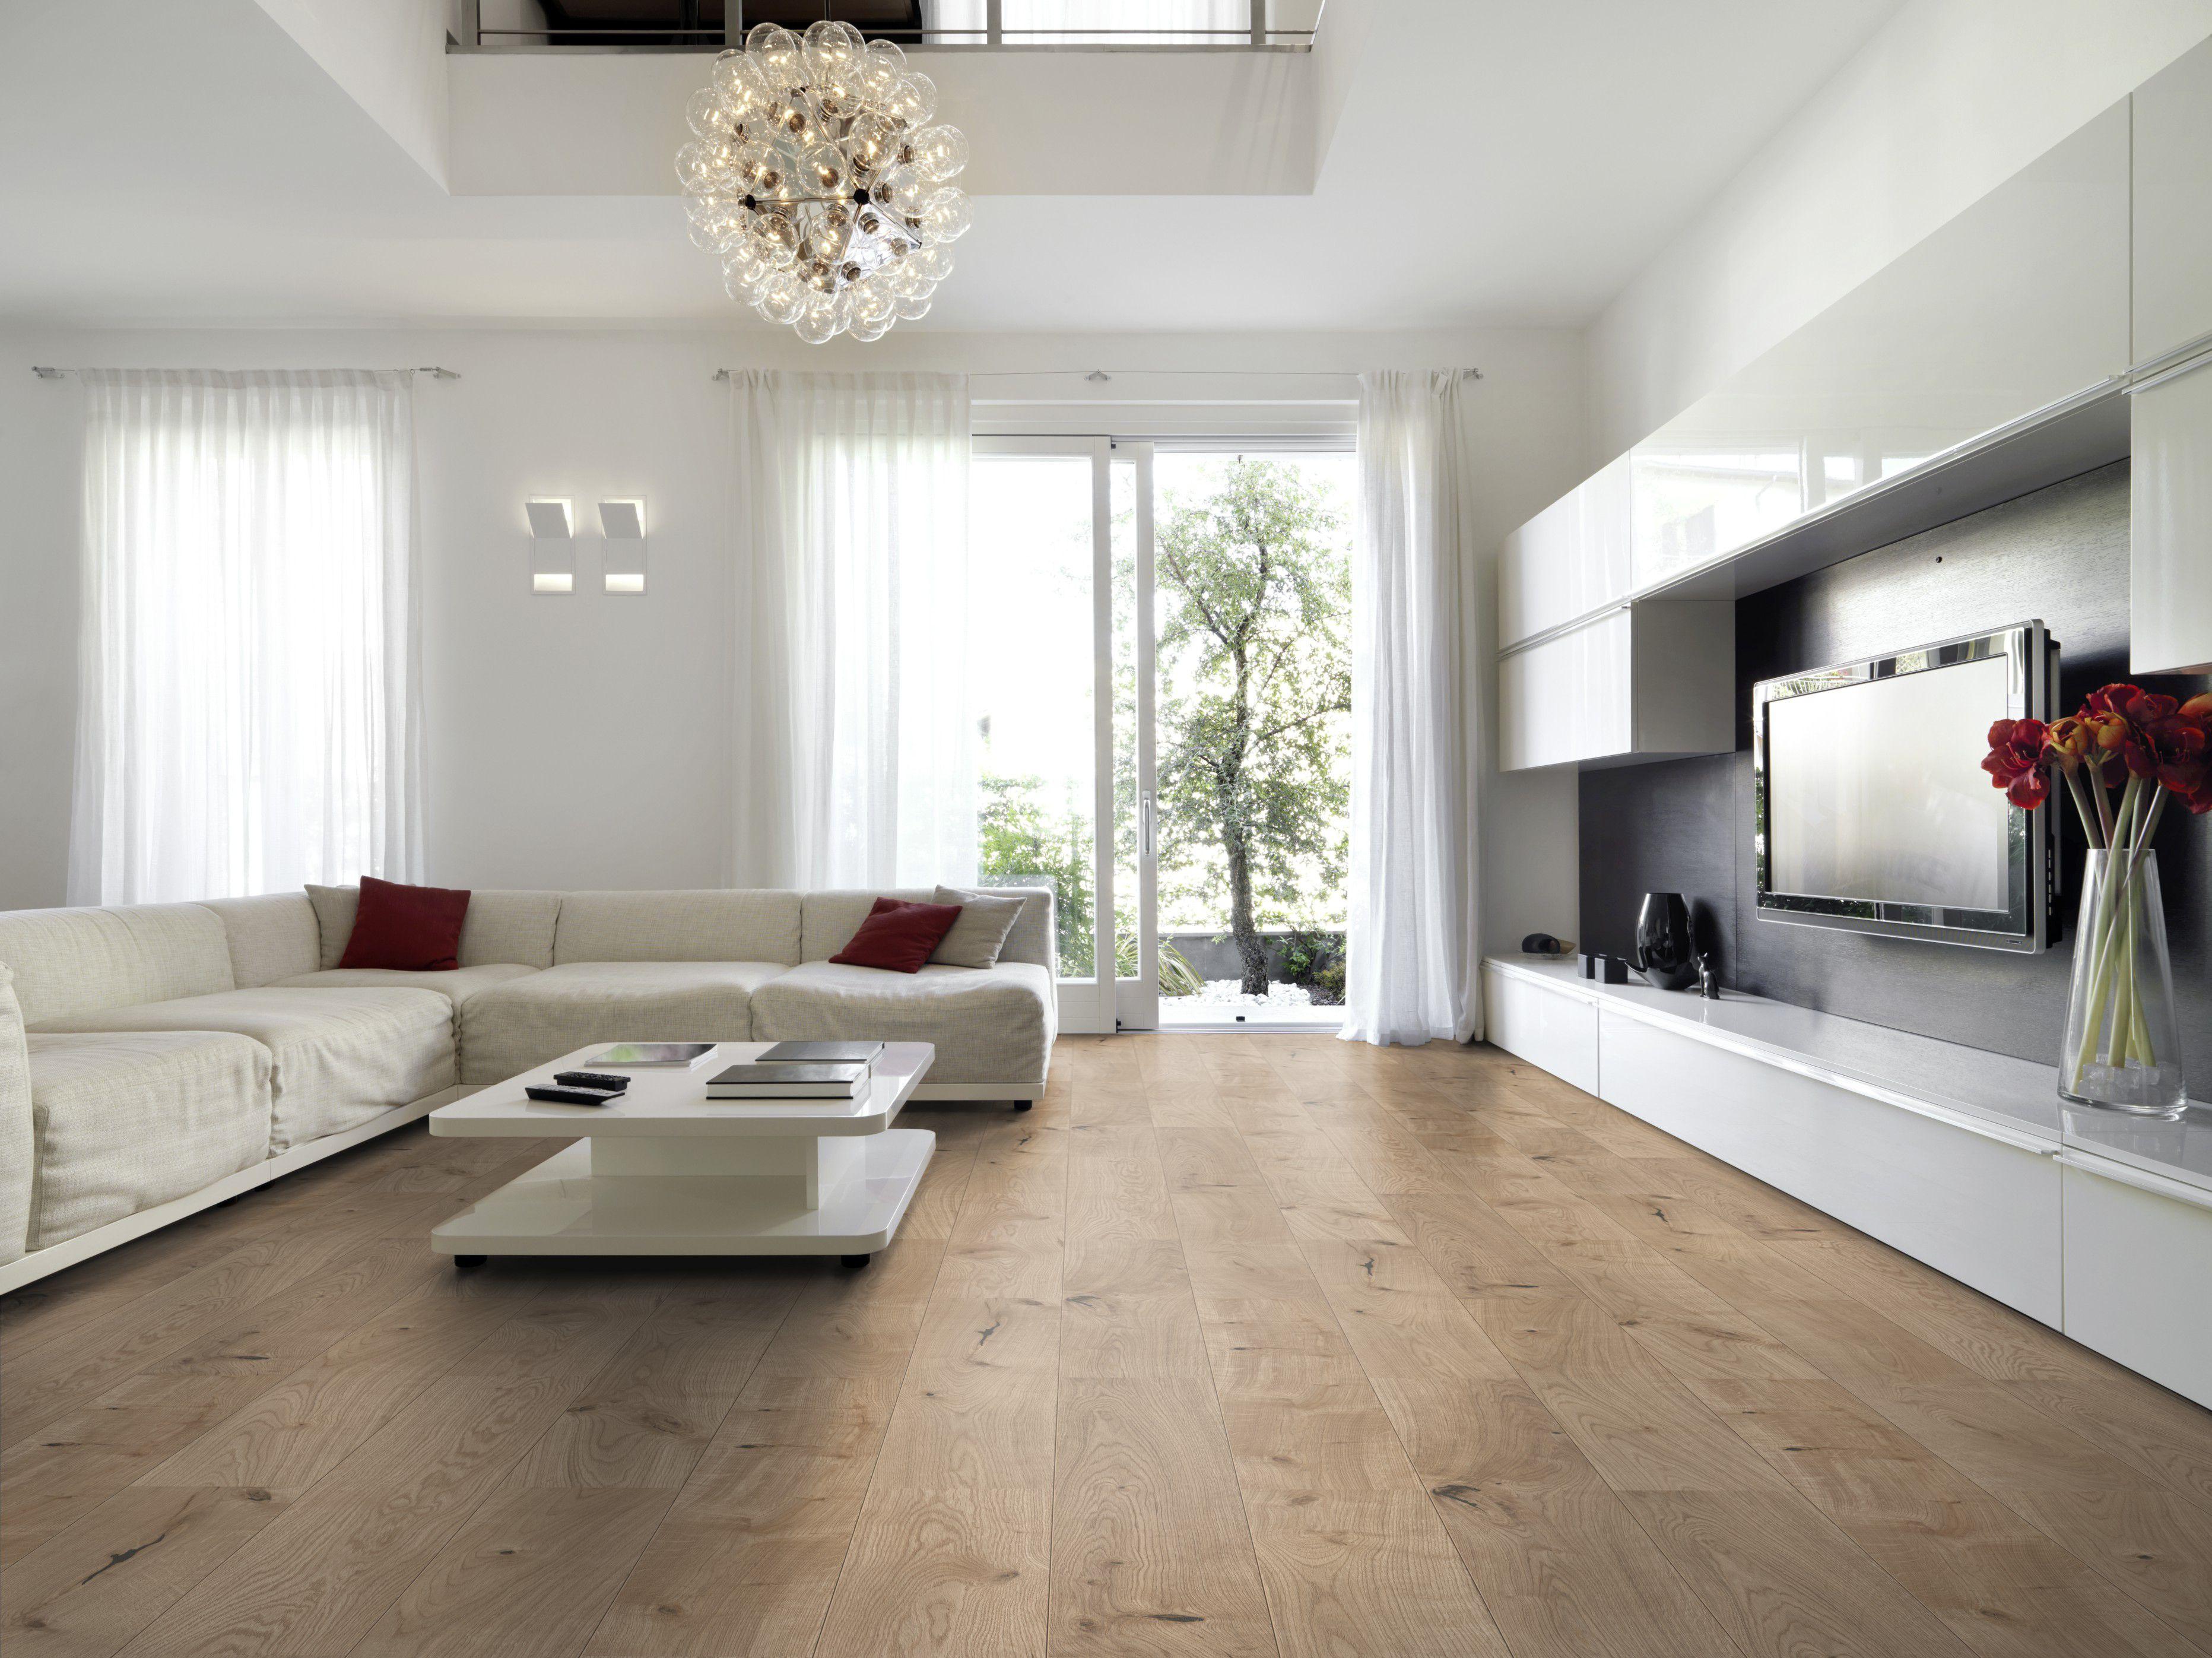 Laminaatvloer kopen? Vloerenkamer heeft TOP keuze laminaat | Living ...